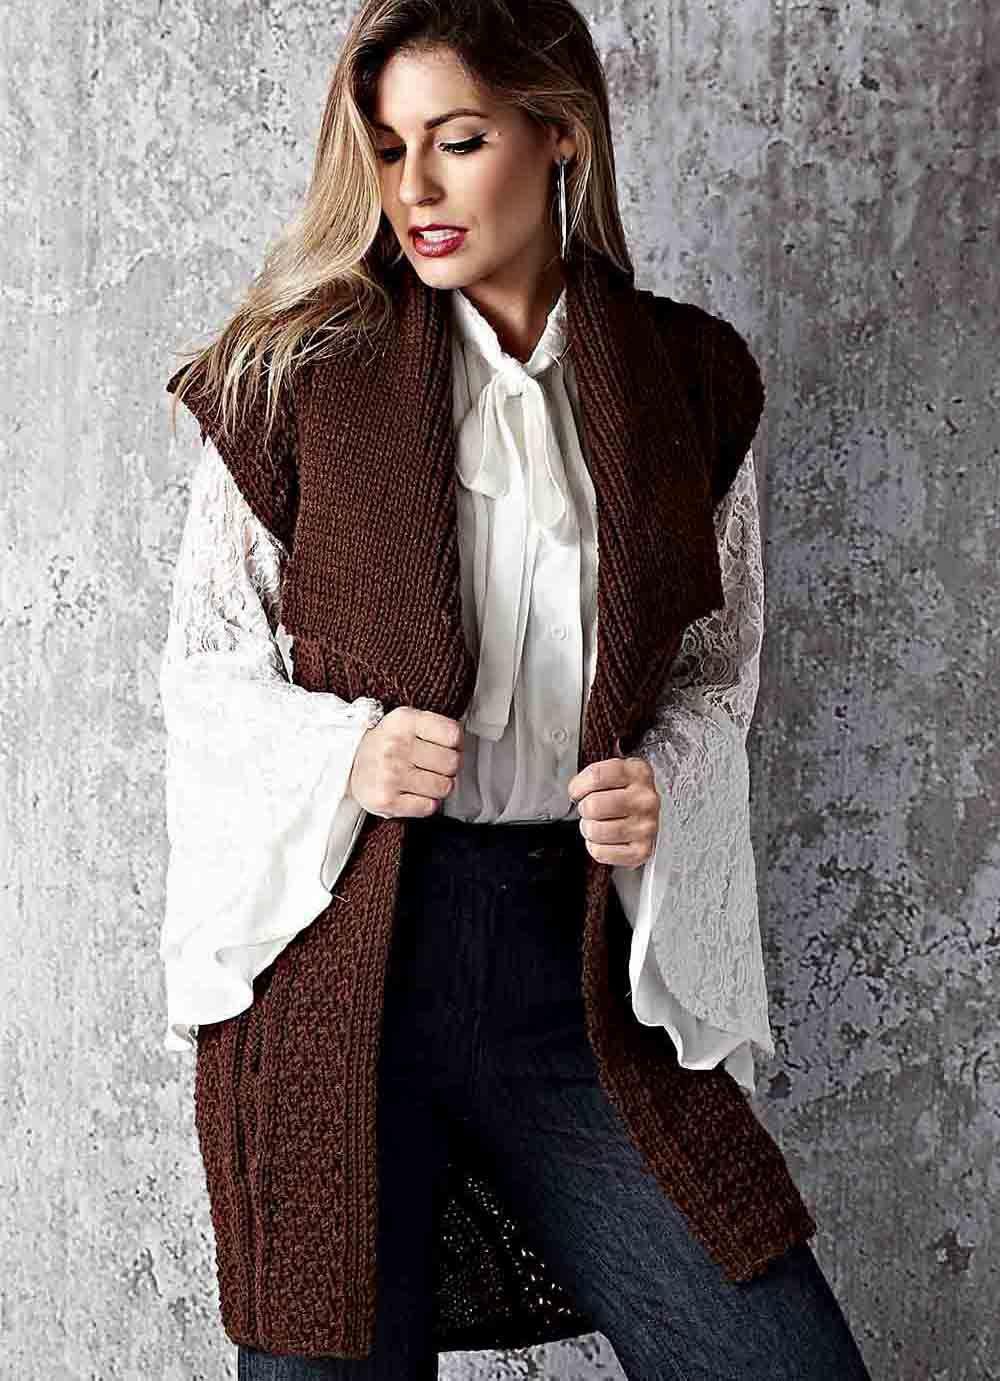 жилетка женская длинная фото вязание авангарде оценили возможное